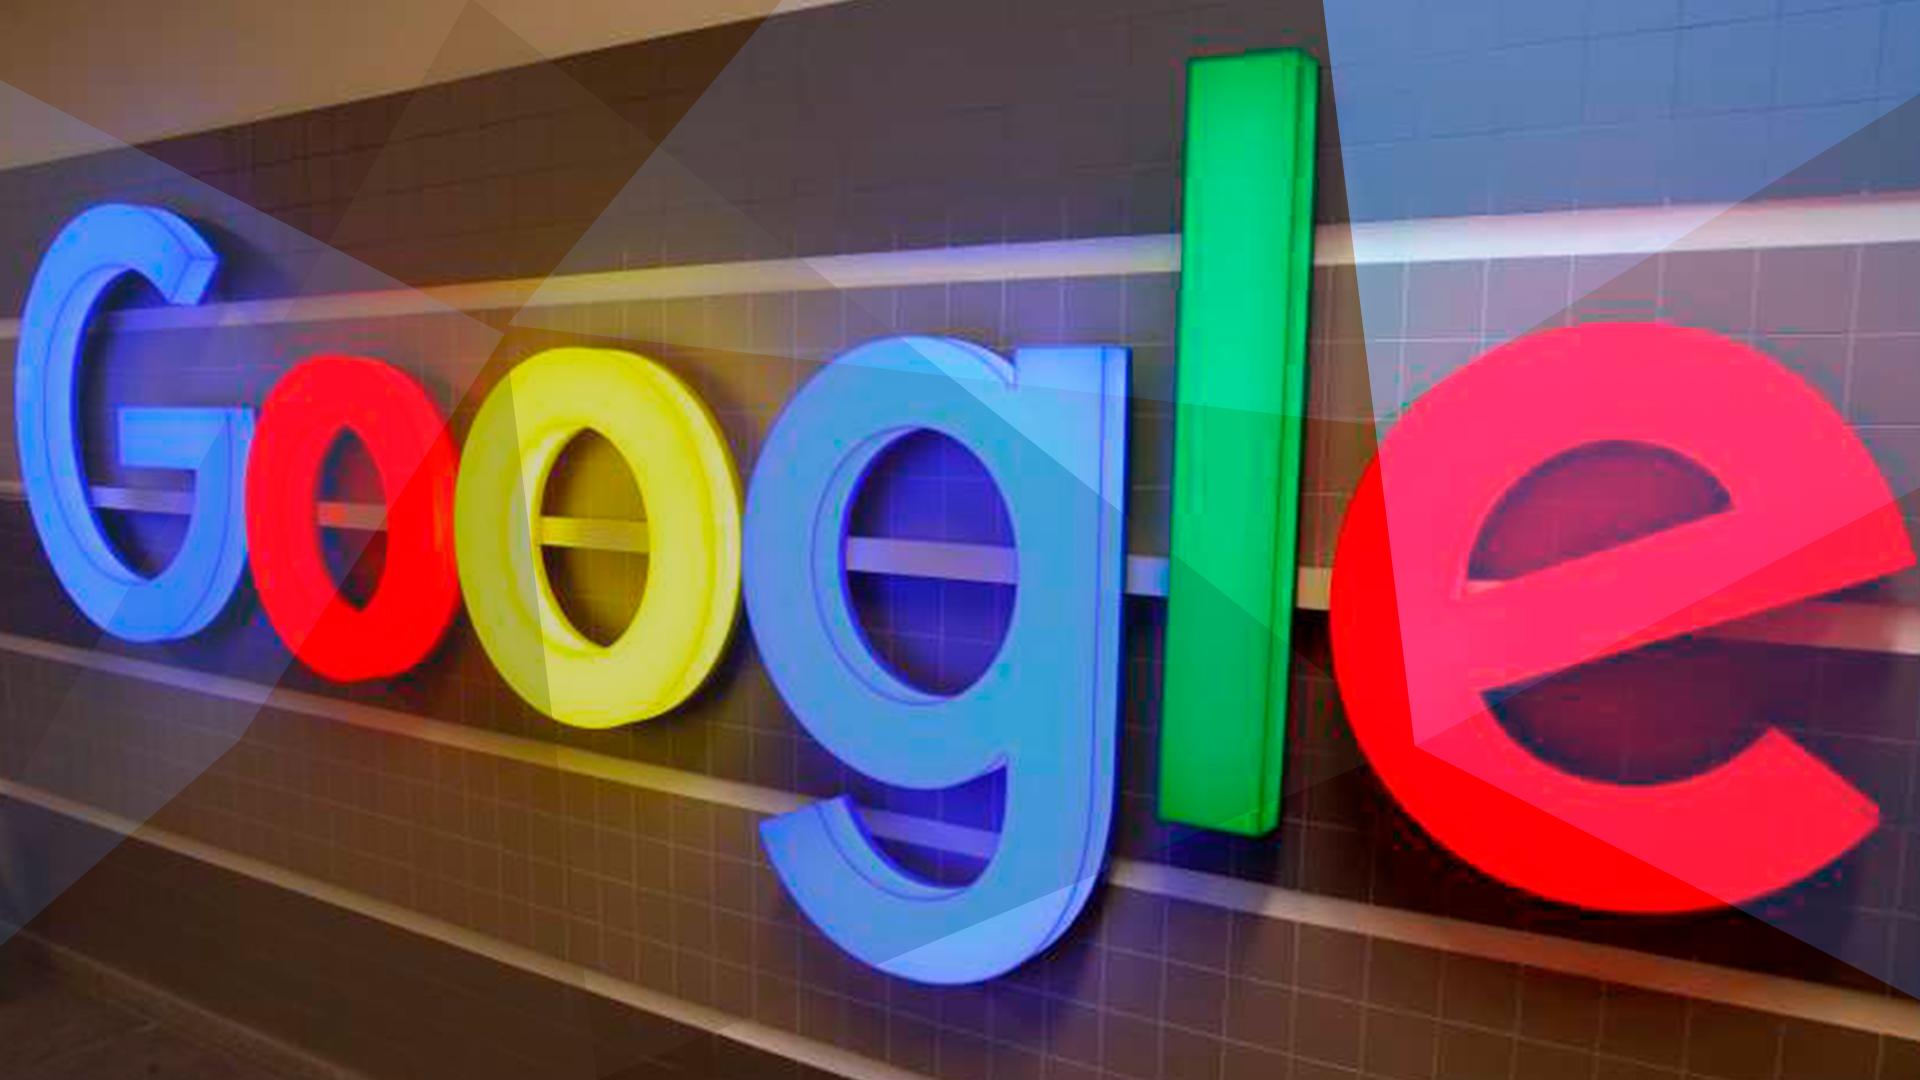 Google, Suchmaschine, Neon, Google Logo, Do No Evil